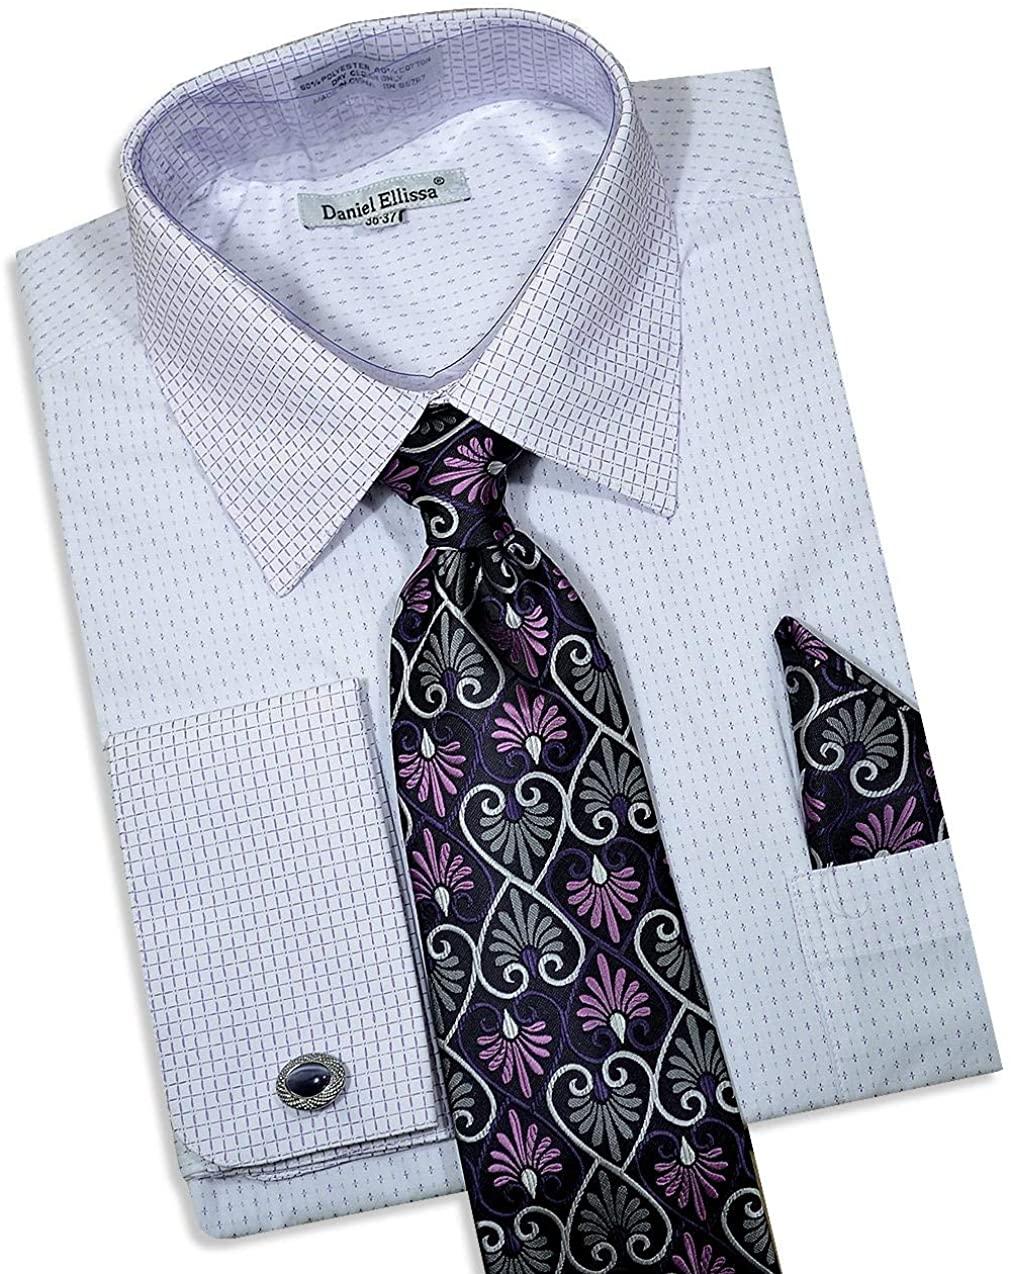 Daniel Ellissa Men's Long Sleeve Dress Shirt Tie Cufflink Hanky 3792